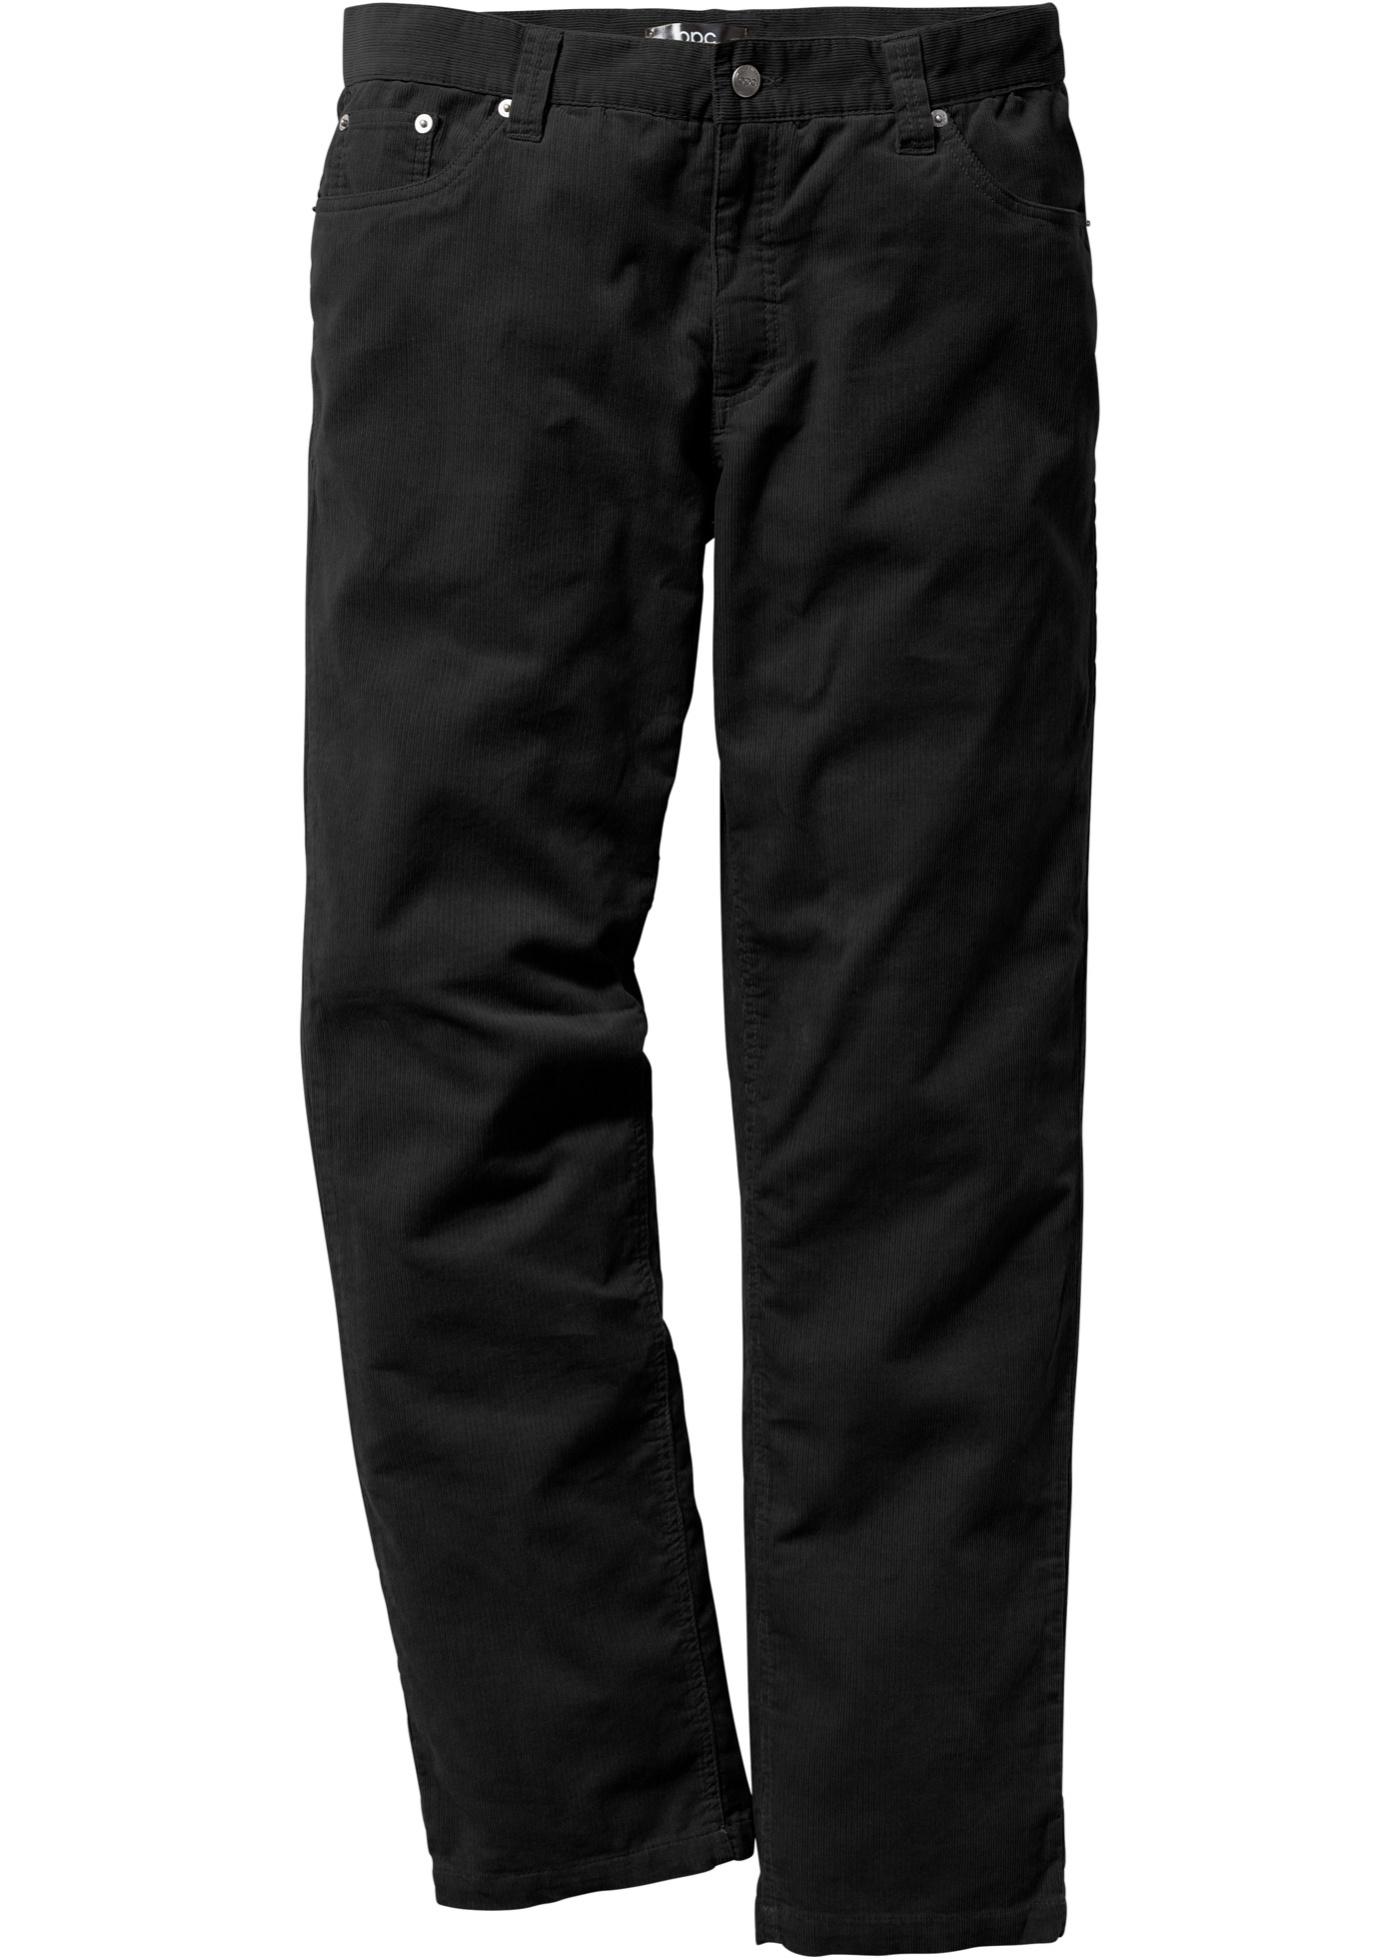 Pantalone in velluto regu